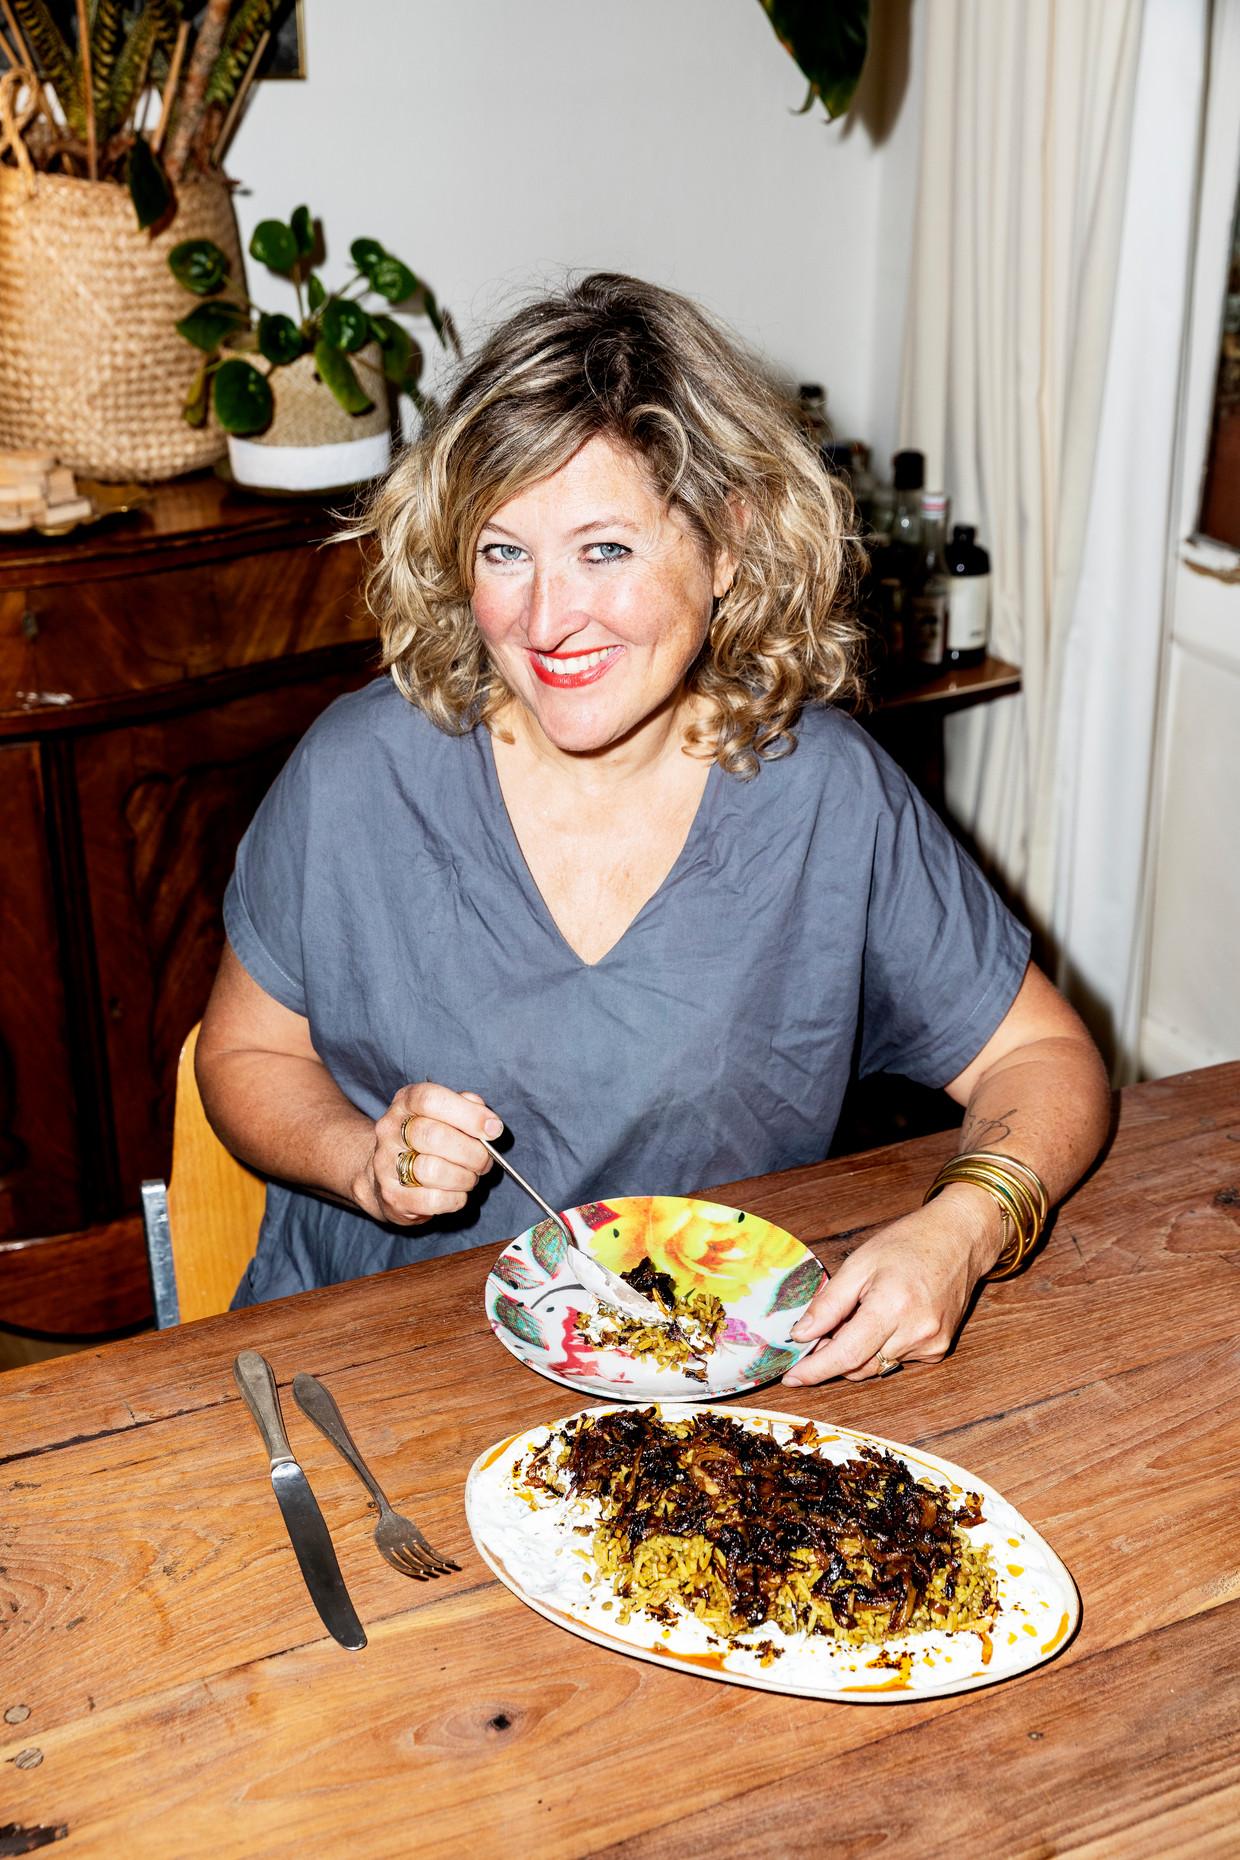 Kookboekenmaker en chef Merijn Tol met haar bordje mujadara: linzen met rijst en gebakken uien Beeld Merijn Tol